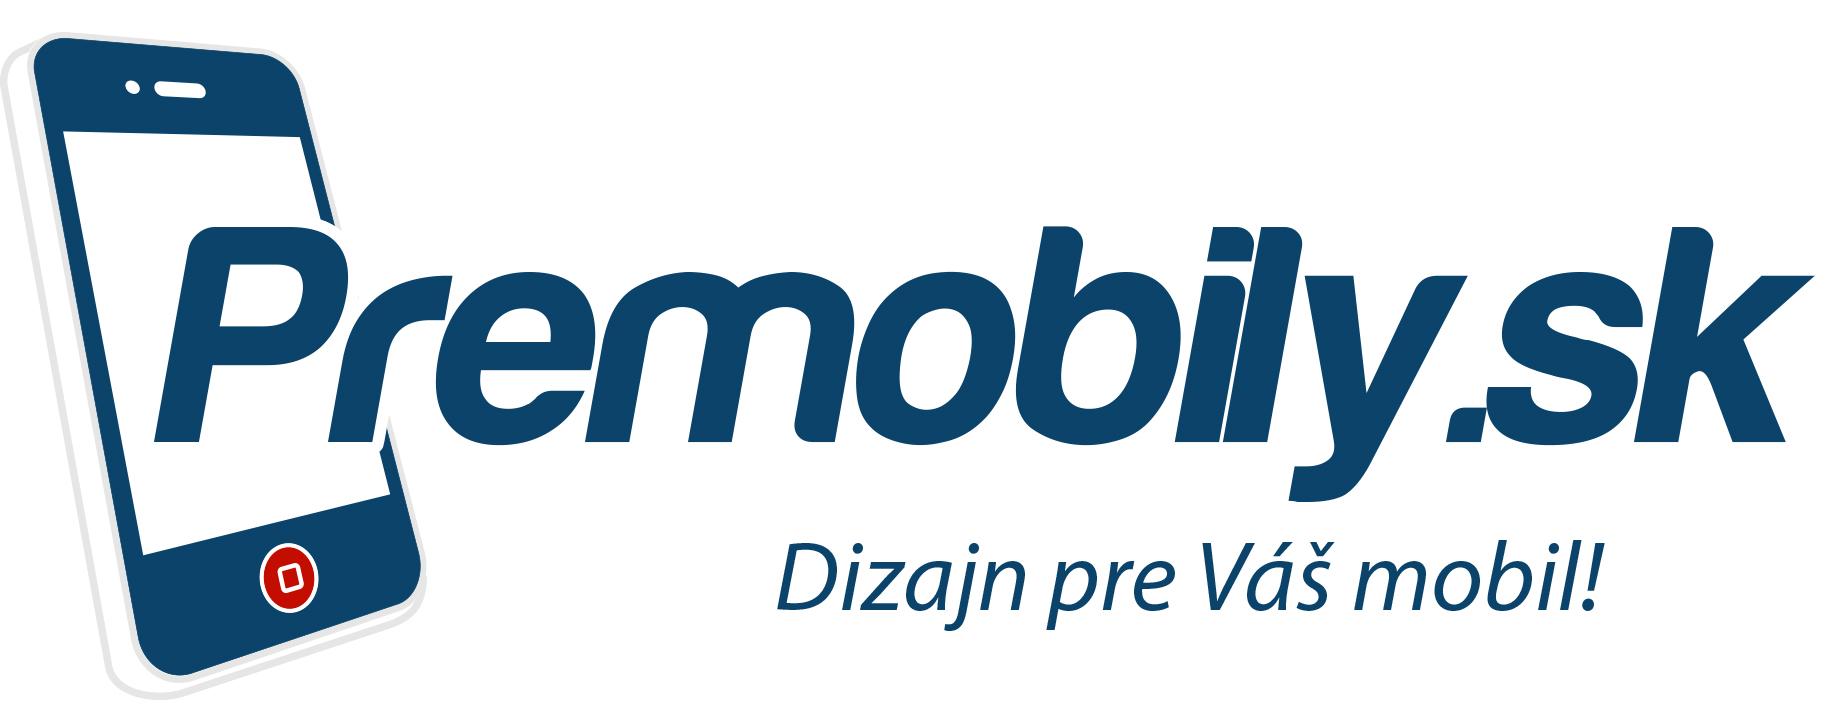 premobily.sk